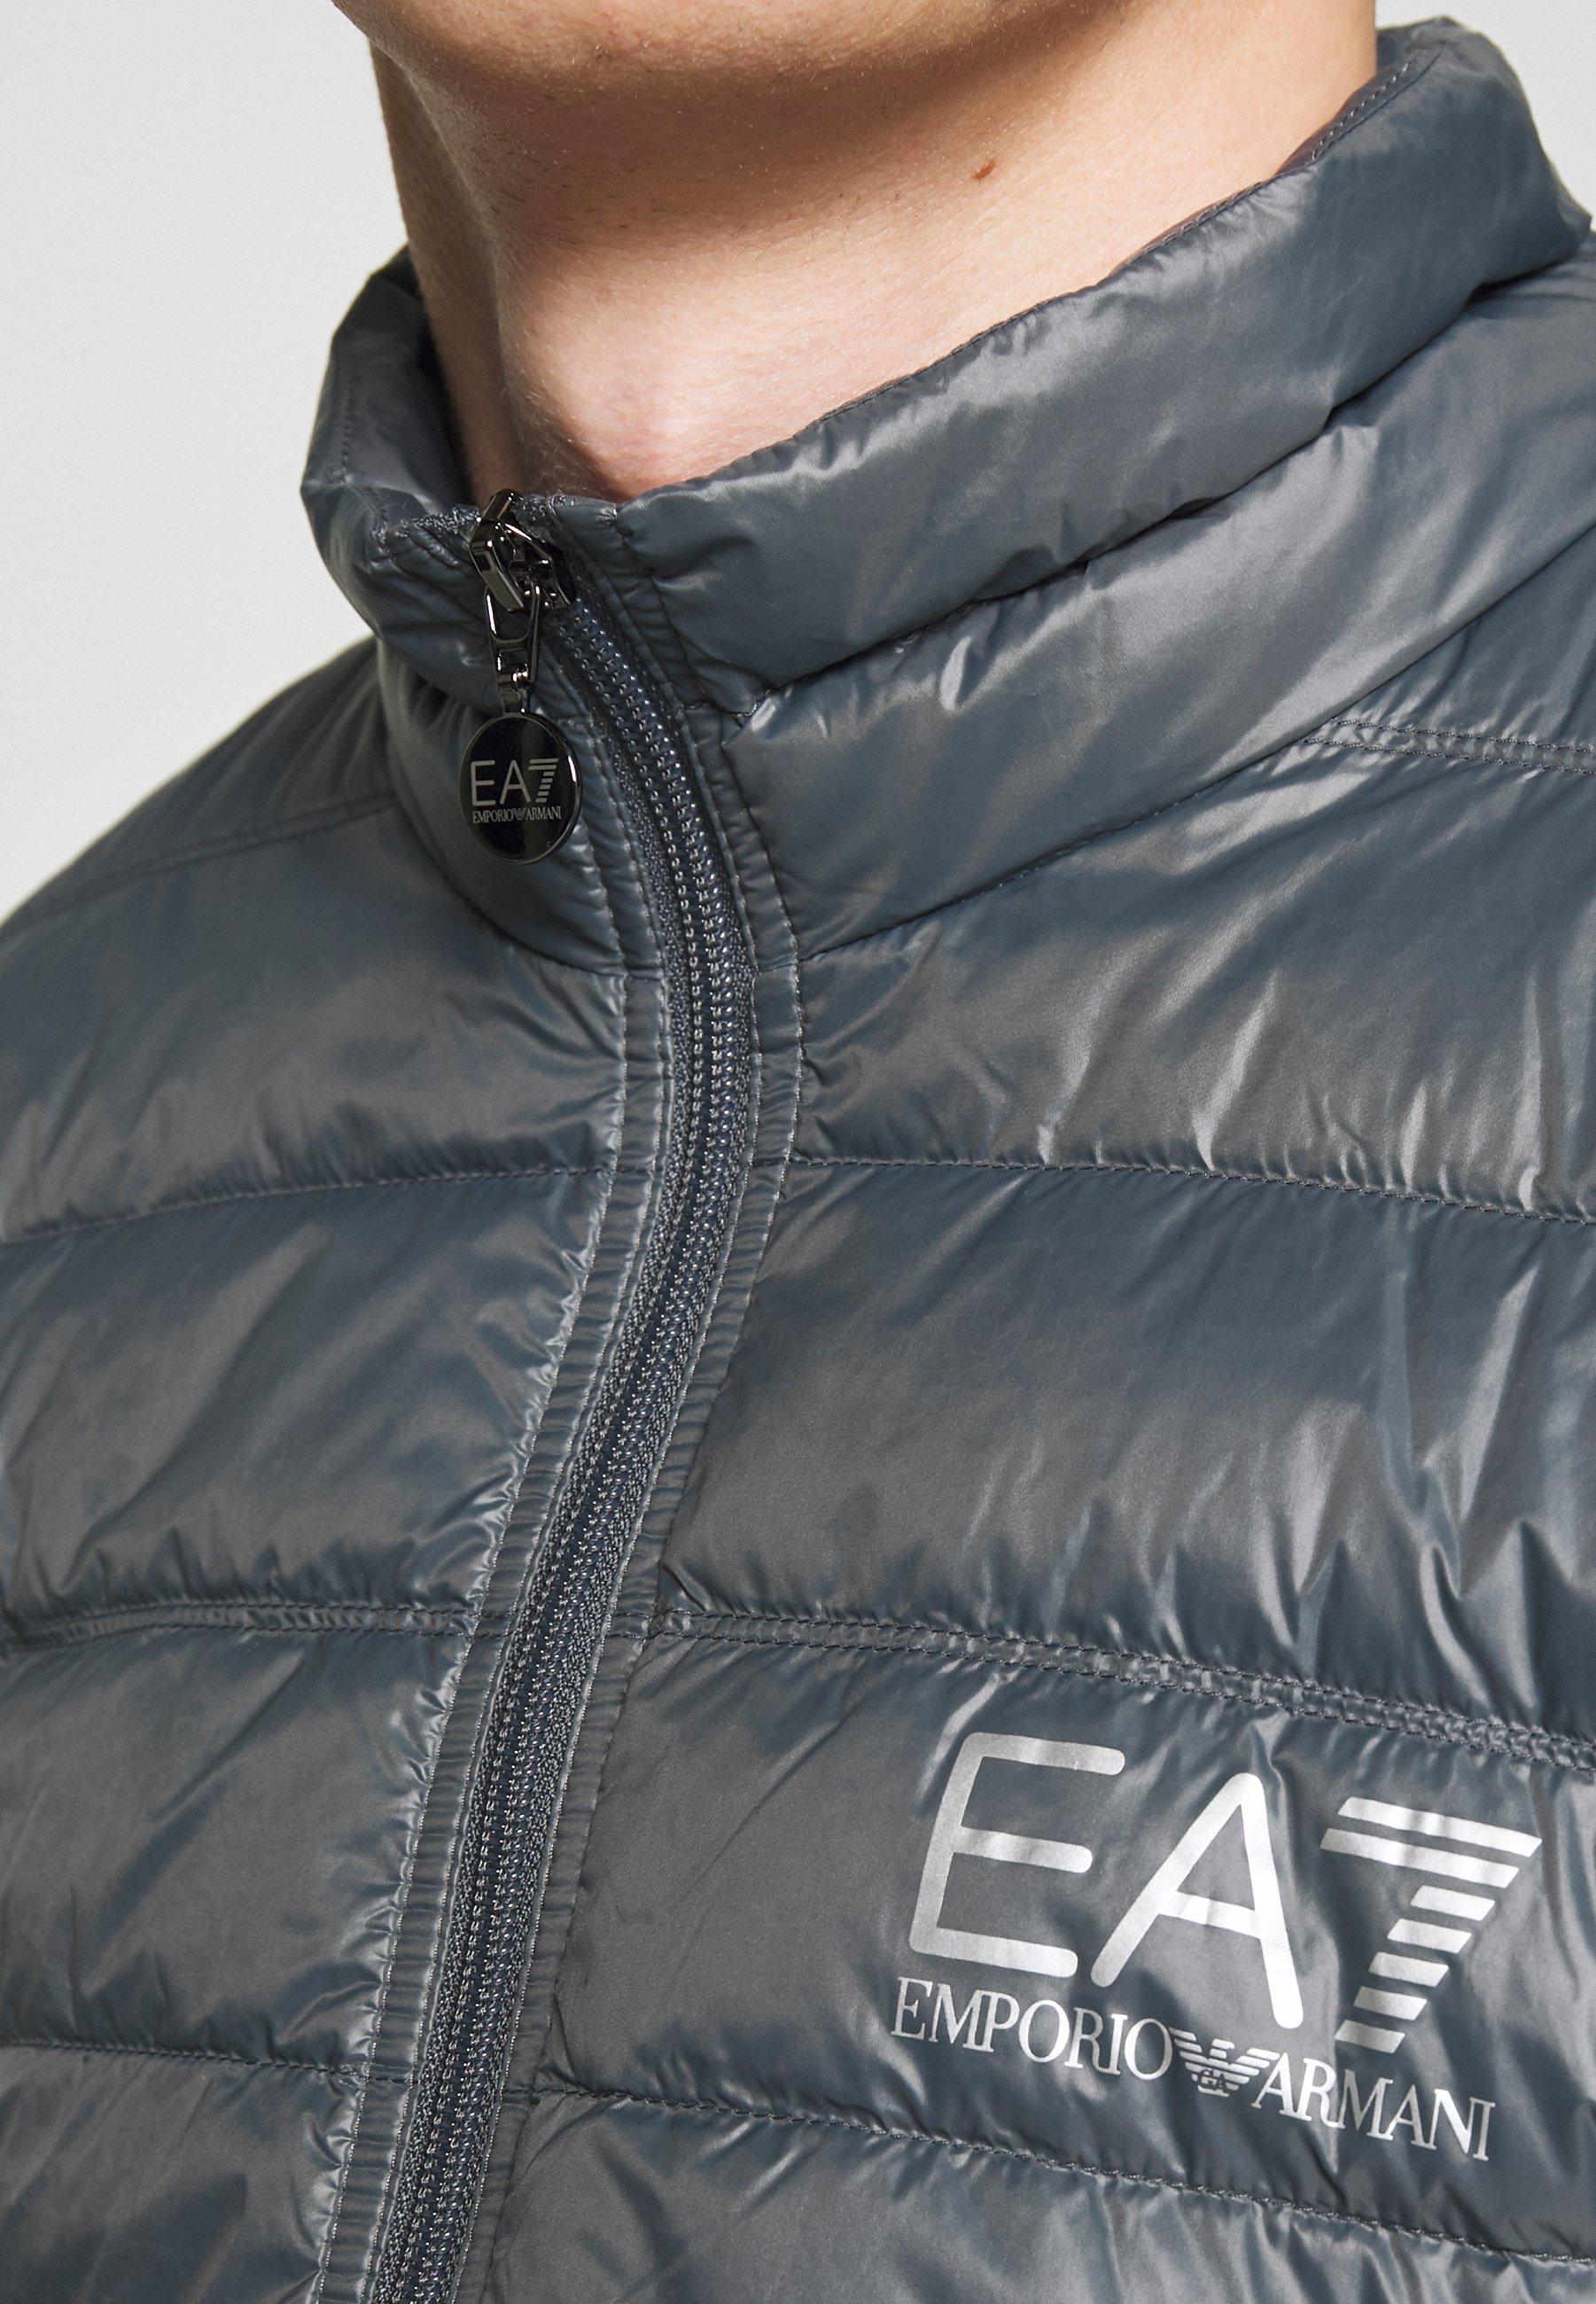 EA7 Emporio Armani Down jacket - iron gate